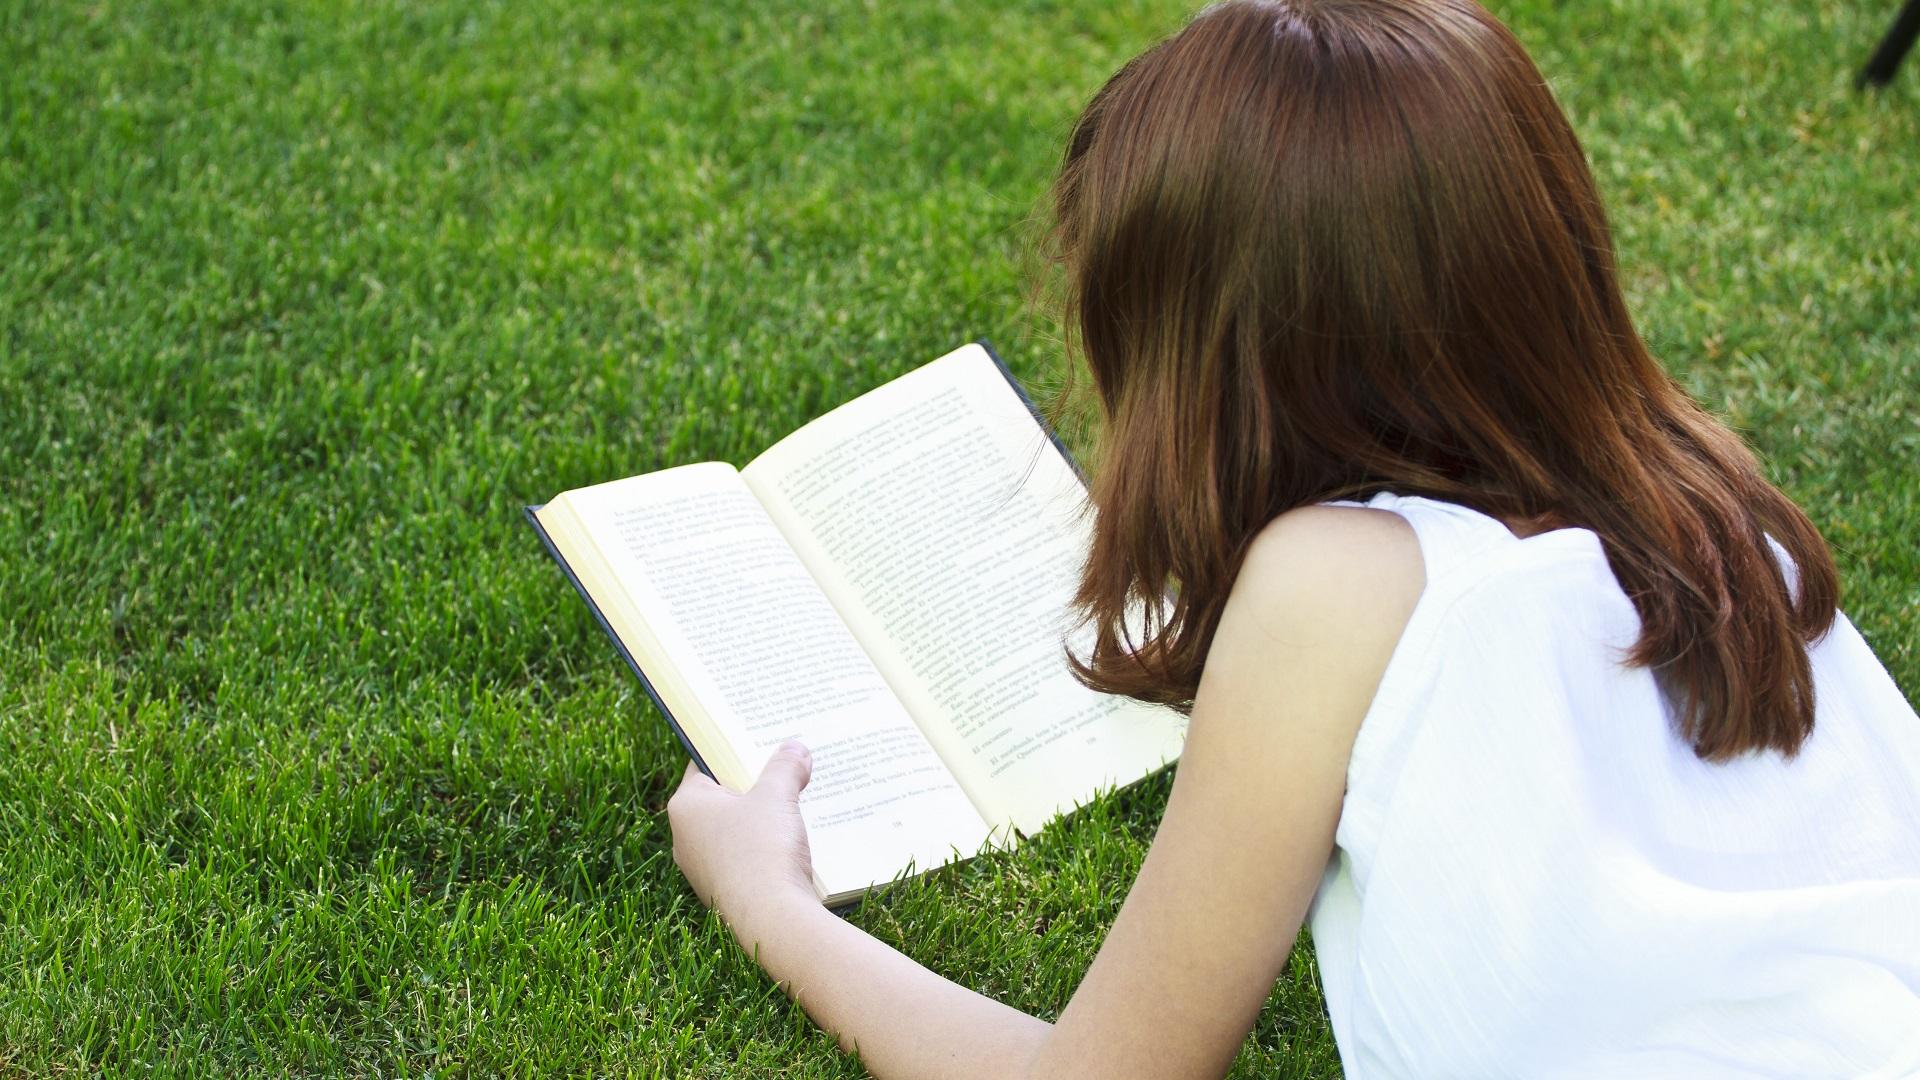 Vem aí leituras sem fronteiras no feminino